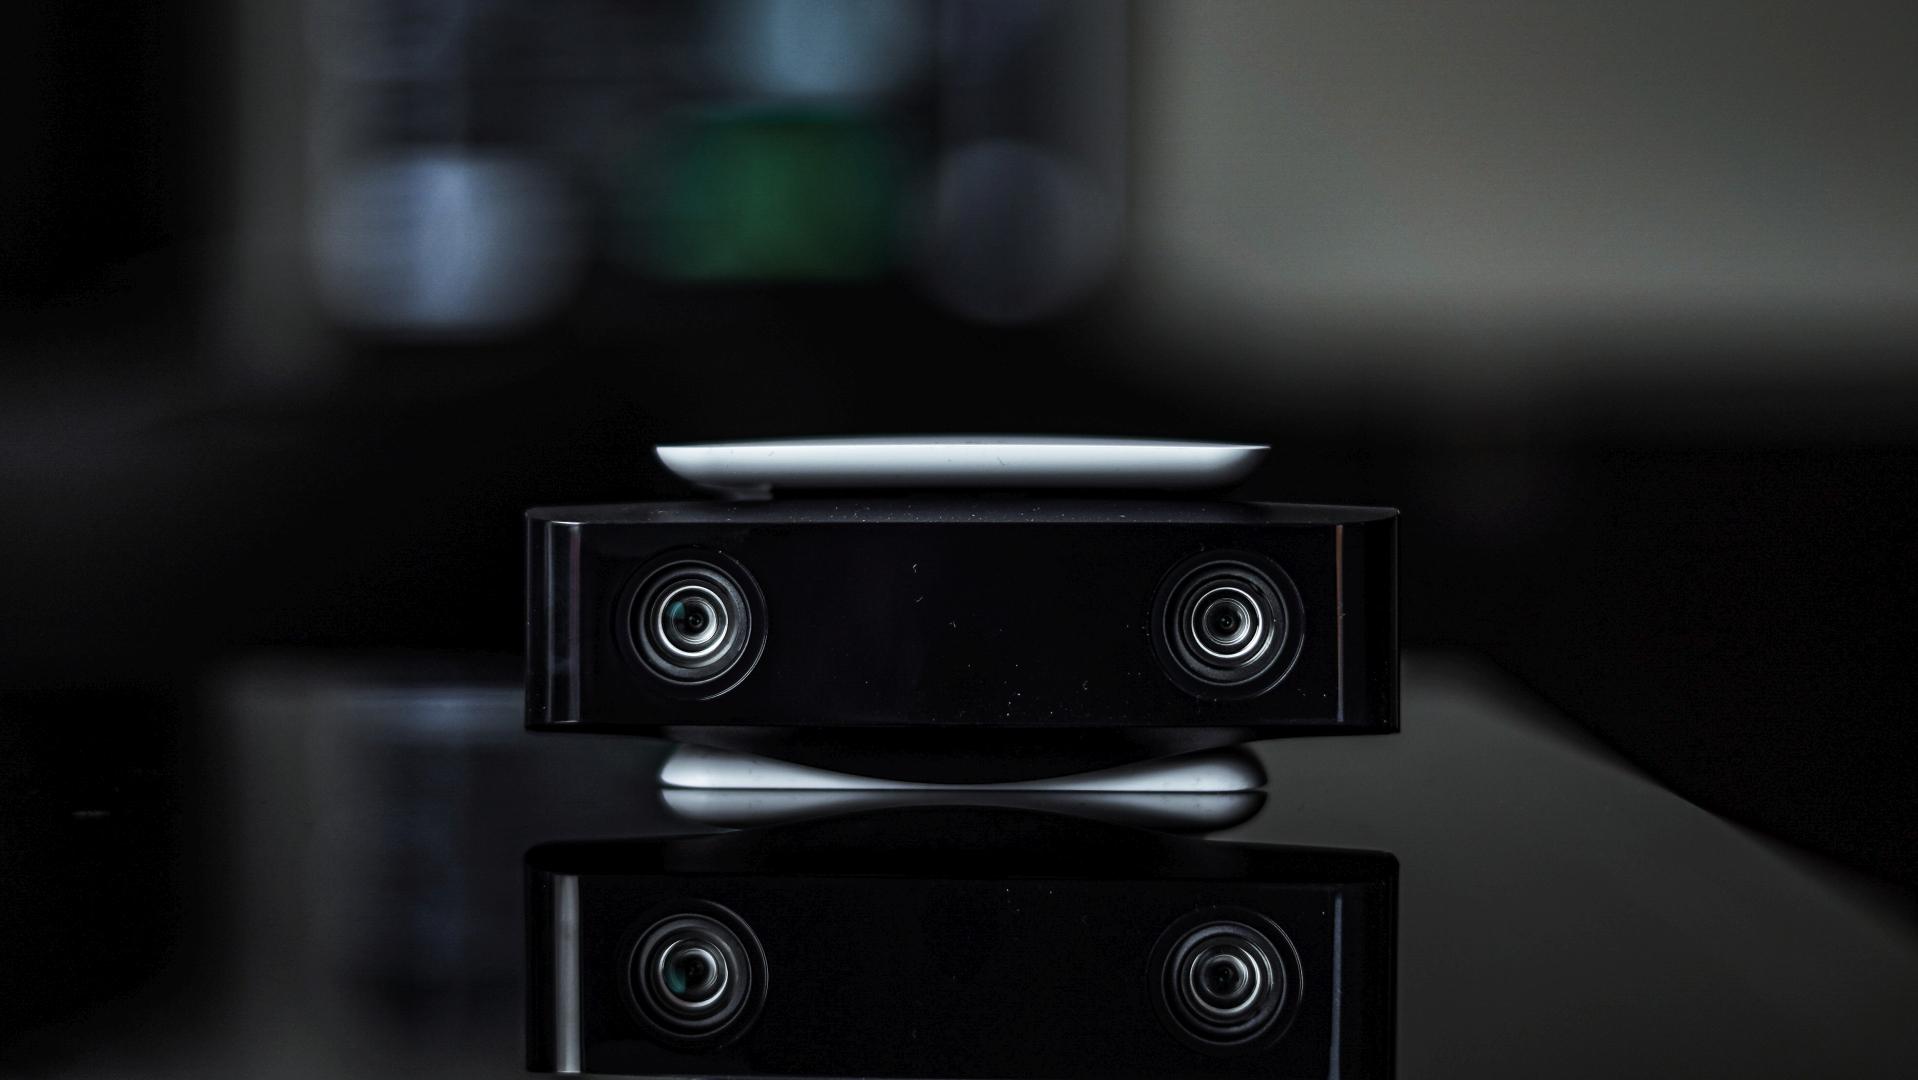 Dwa obiektywy Sony PlayStation 5 HD Camera